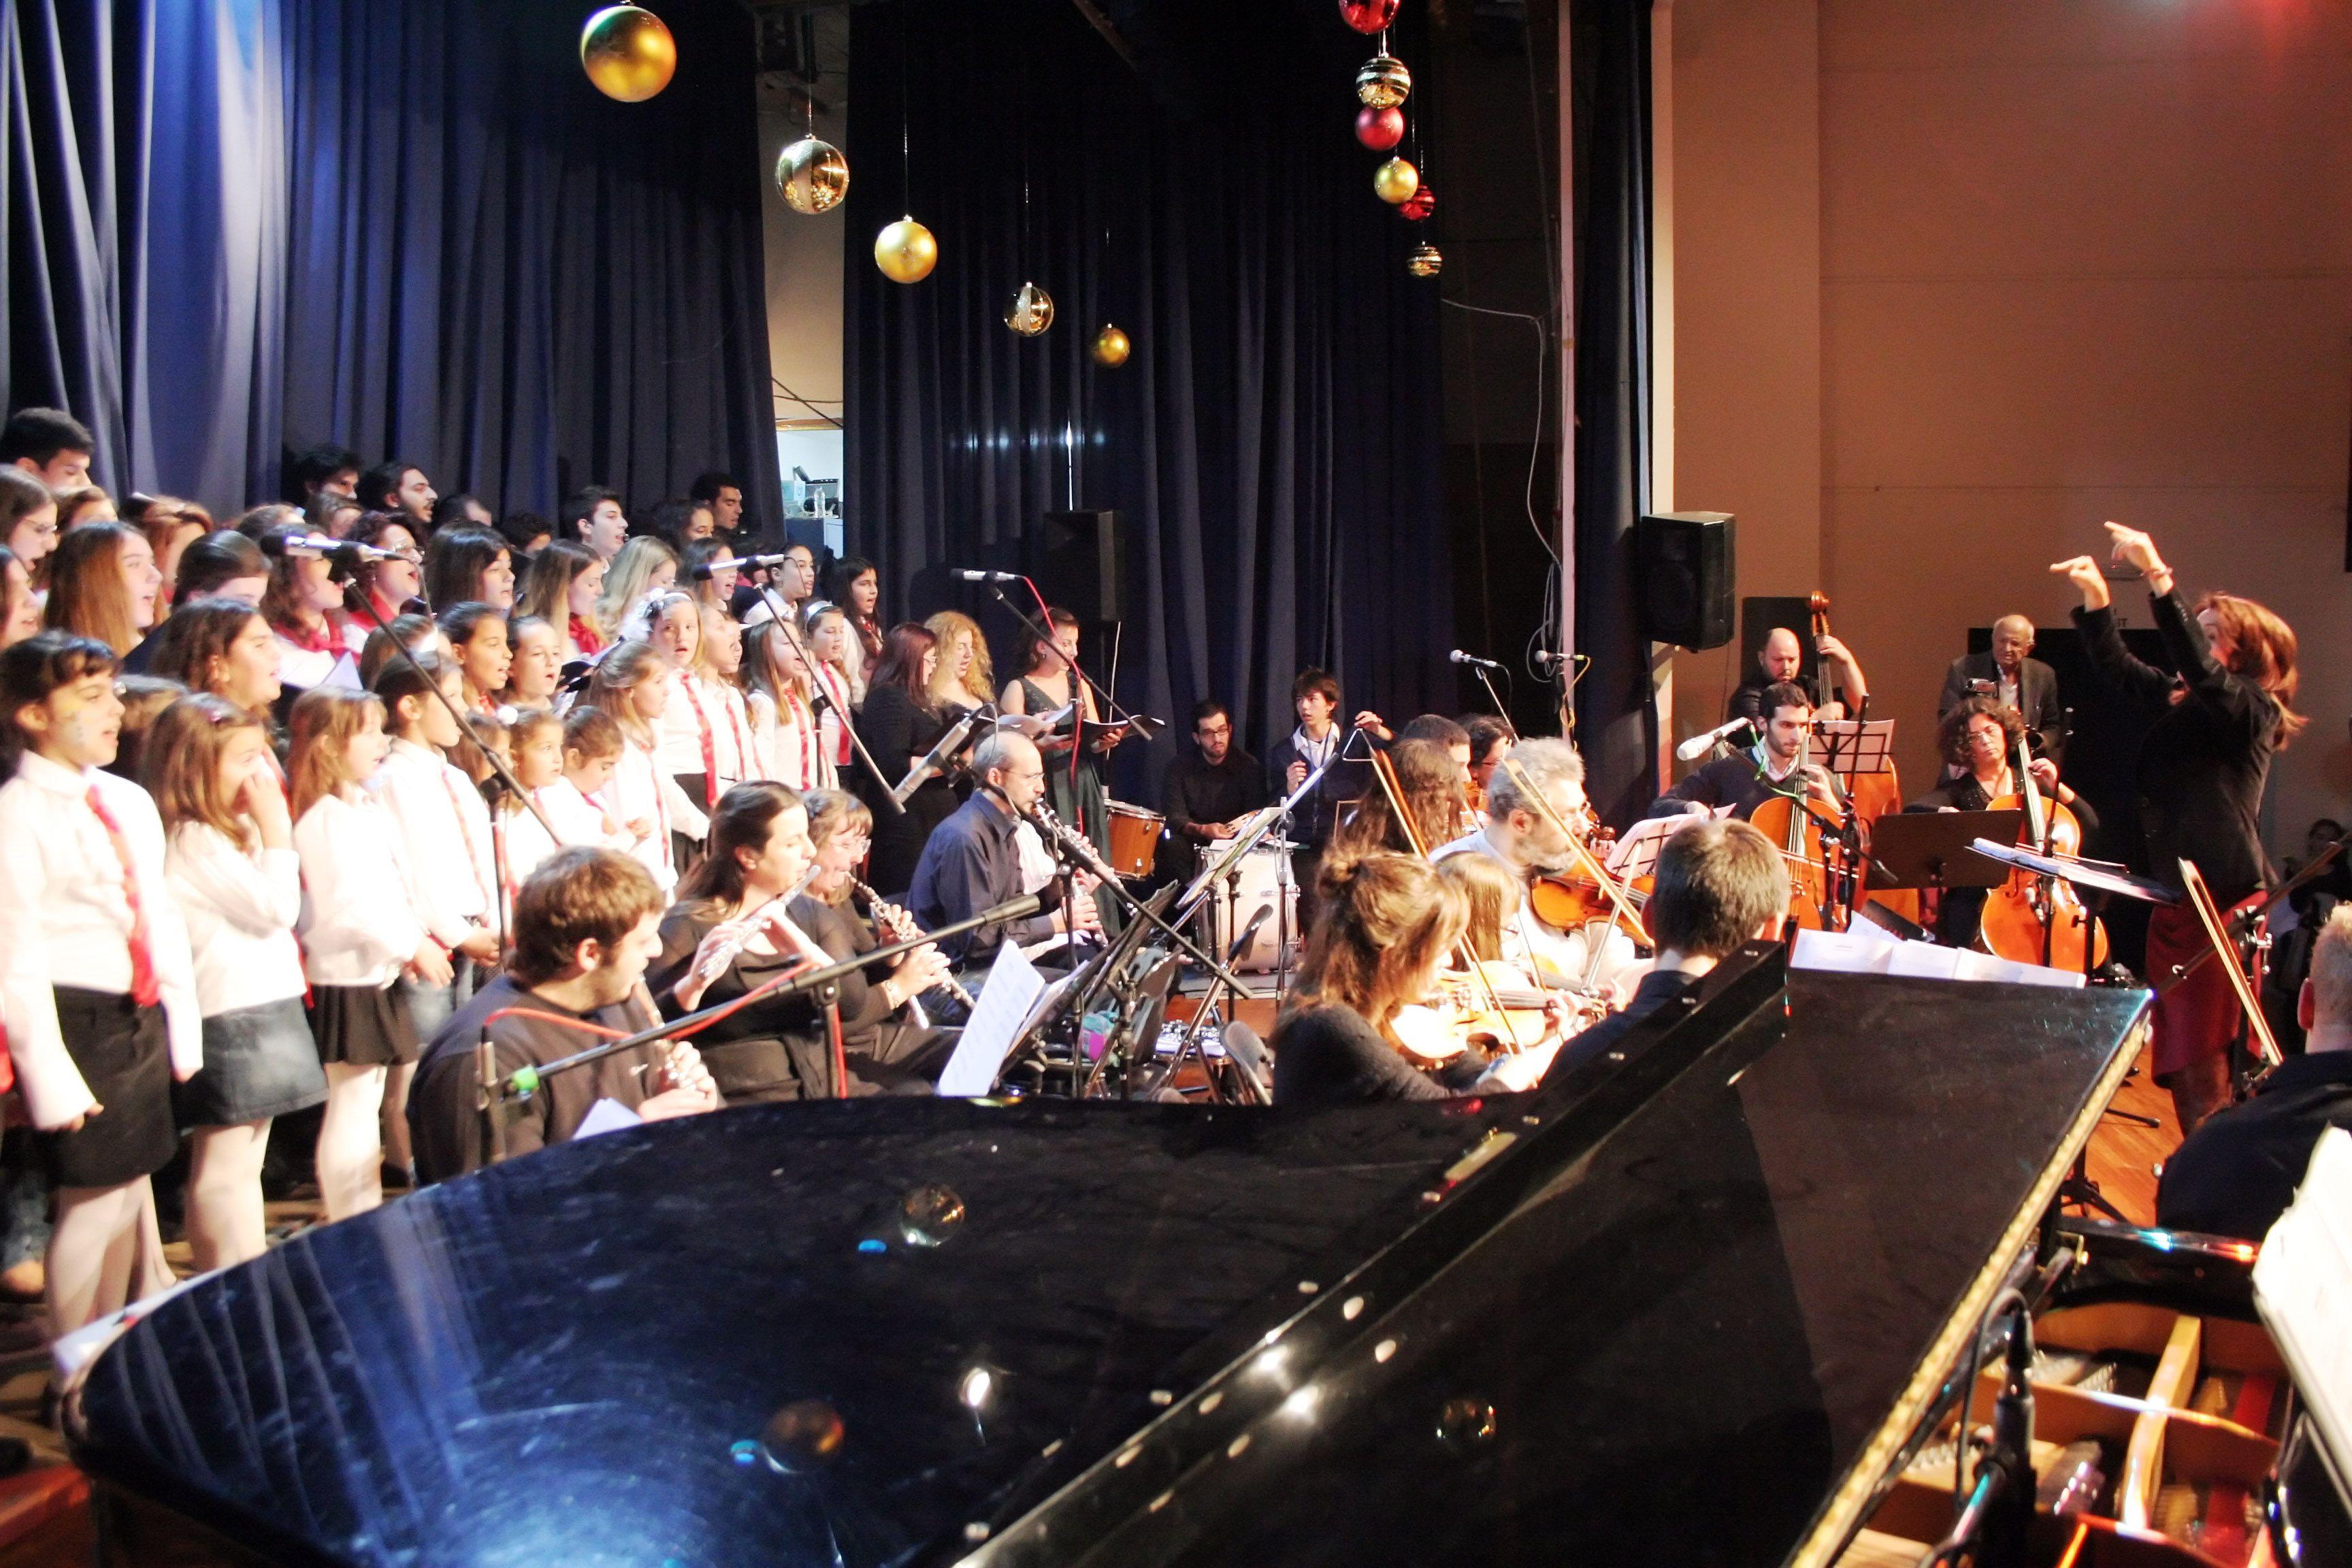 Ακροάσεις για την Παιδική και Μικτή Χορωδία στο Δημοτικό Ωδείο Γλυφάδας